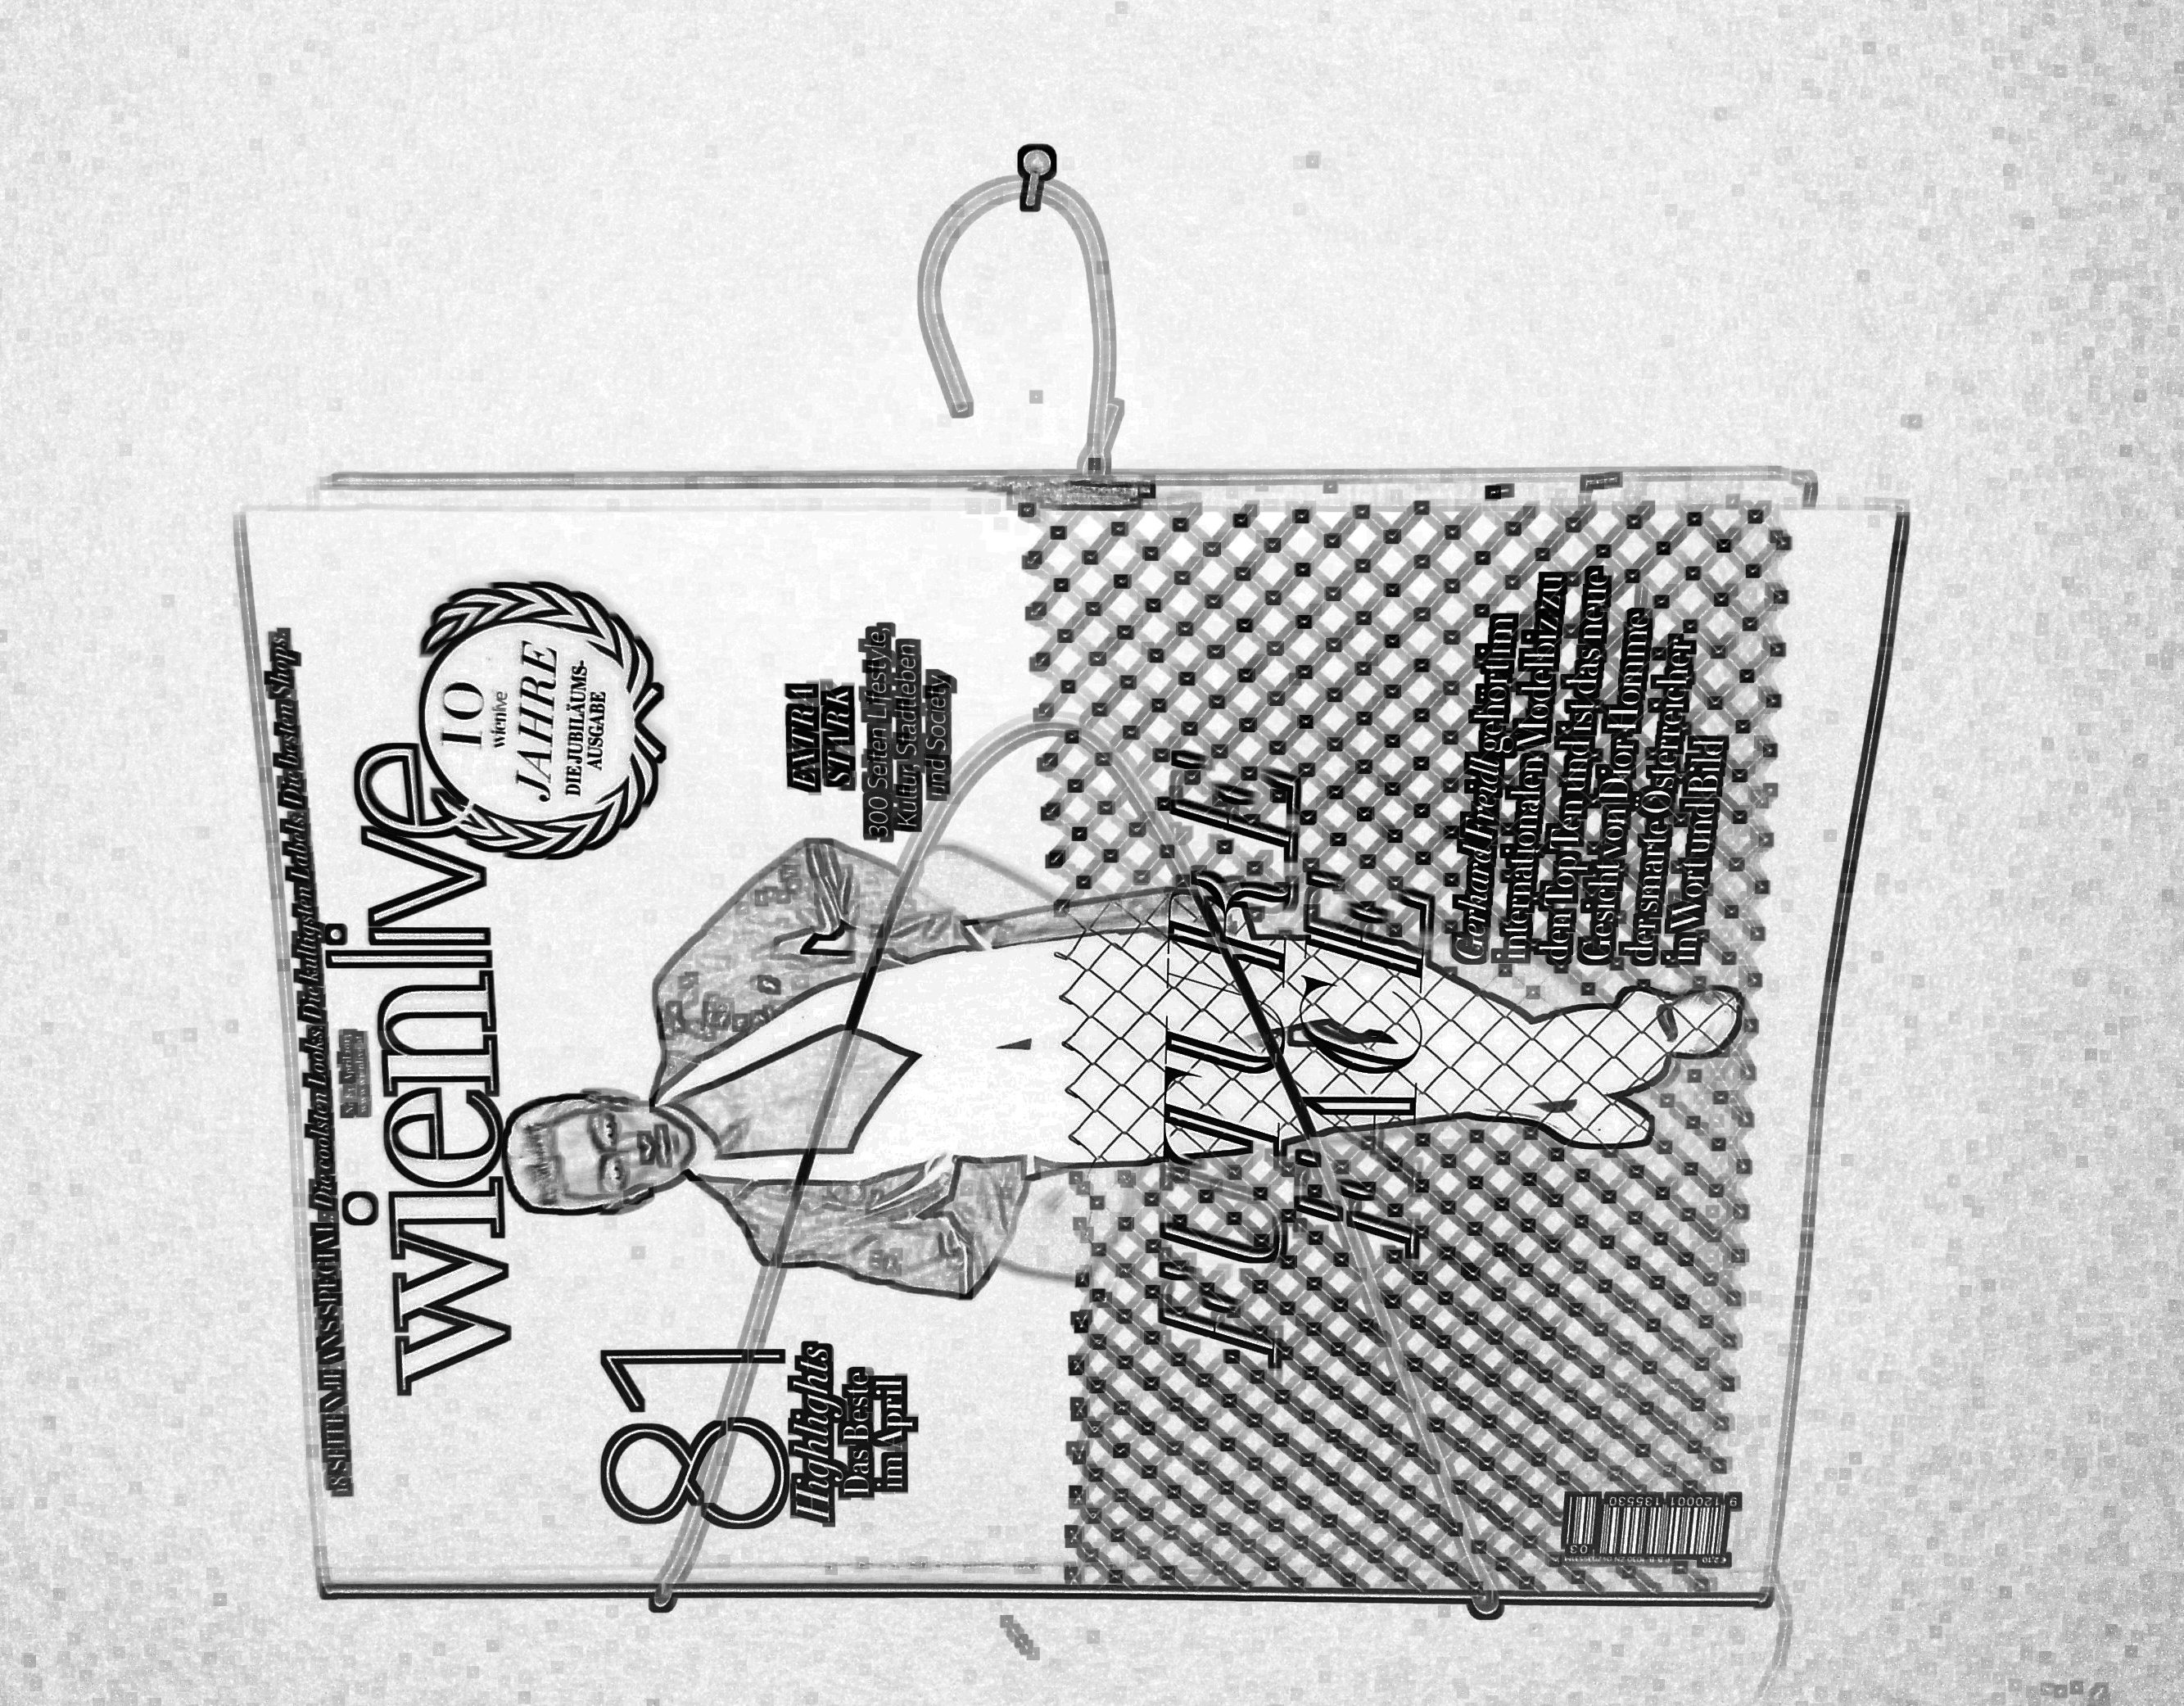 DIY Zeitschriftenhalter, KLeiderhaken